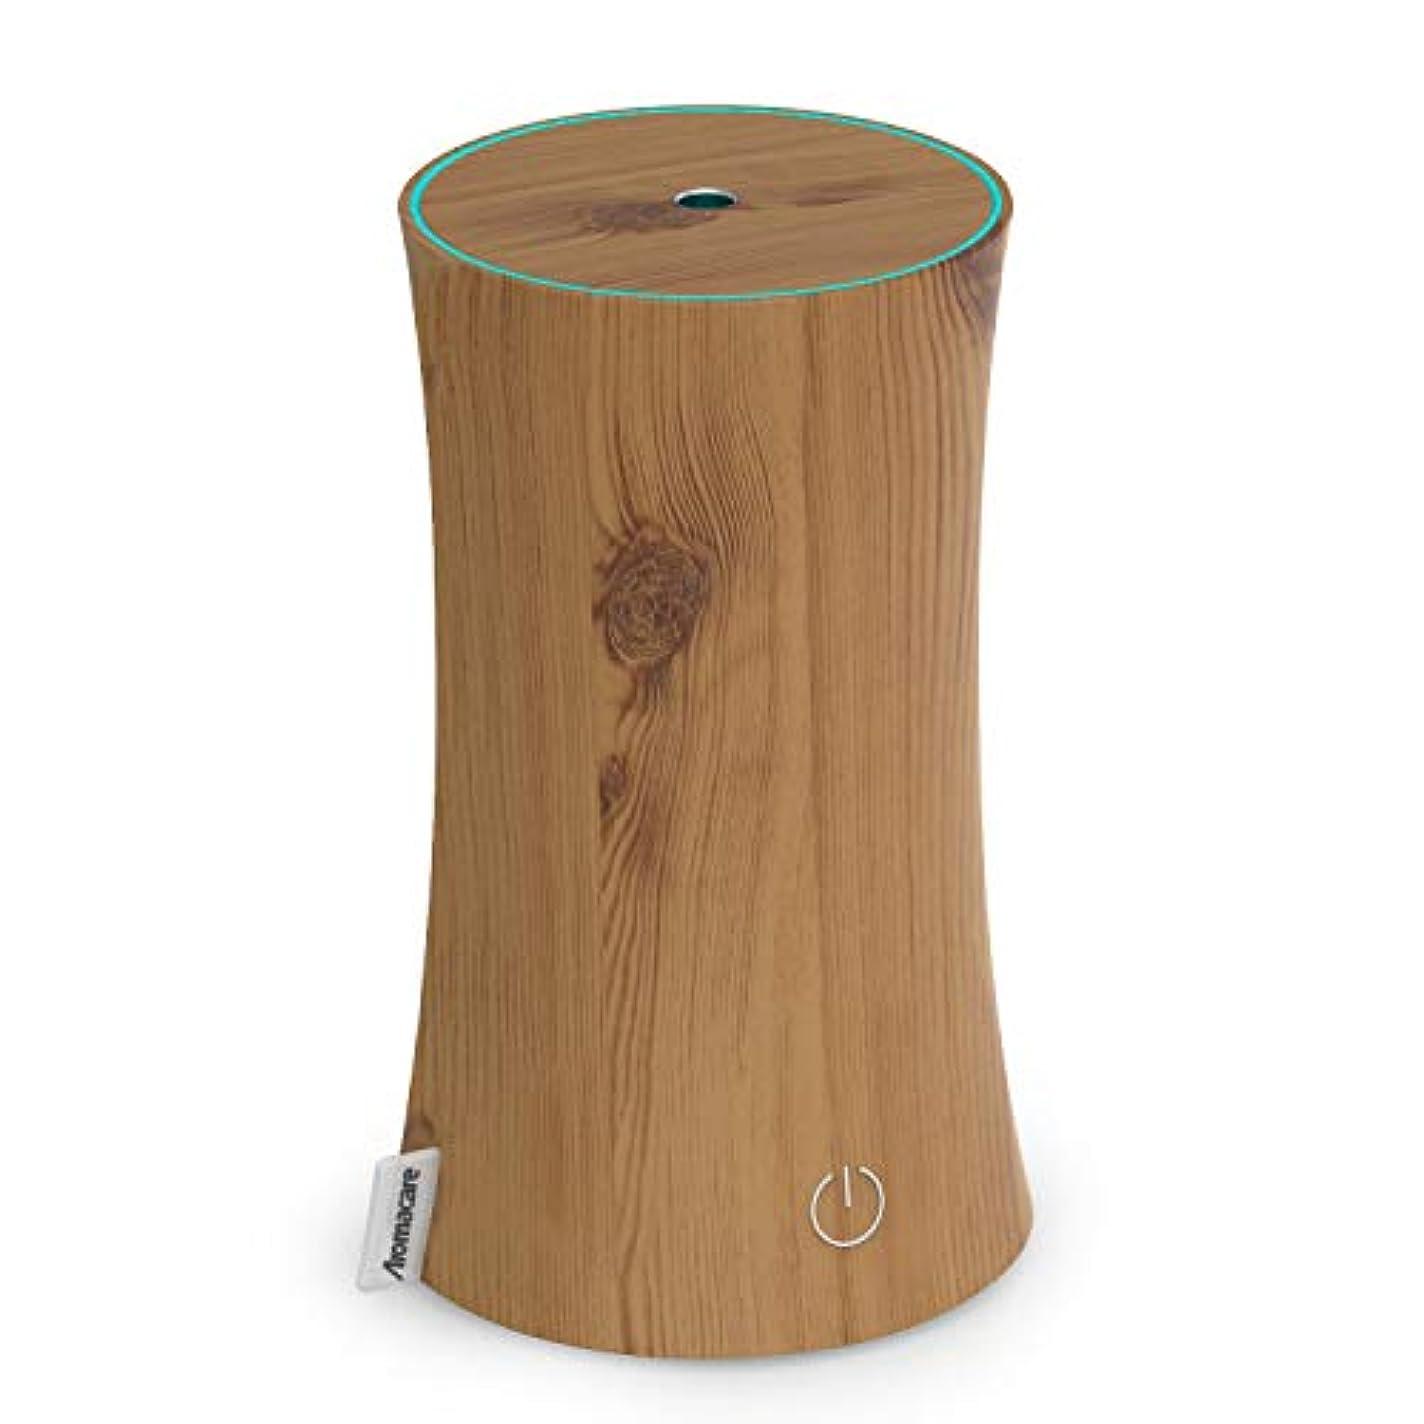 再集計たぶん悲観主義者アロマディフューザー 卓上加湿器 センサー付き 超音波式 空焚き防止 低騒音 300ml 連続運転 各場所用 省エネ 木目調 木の色